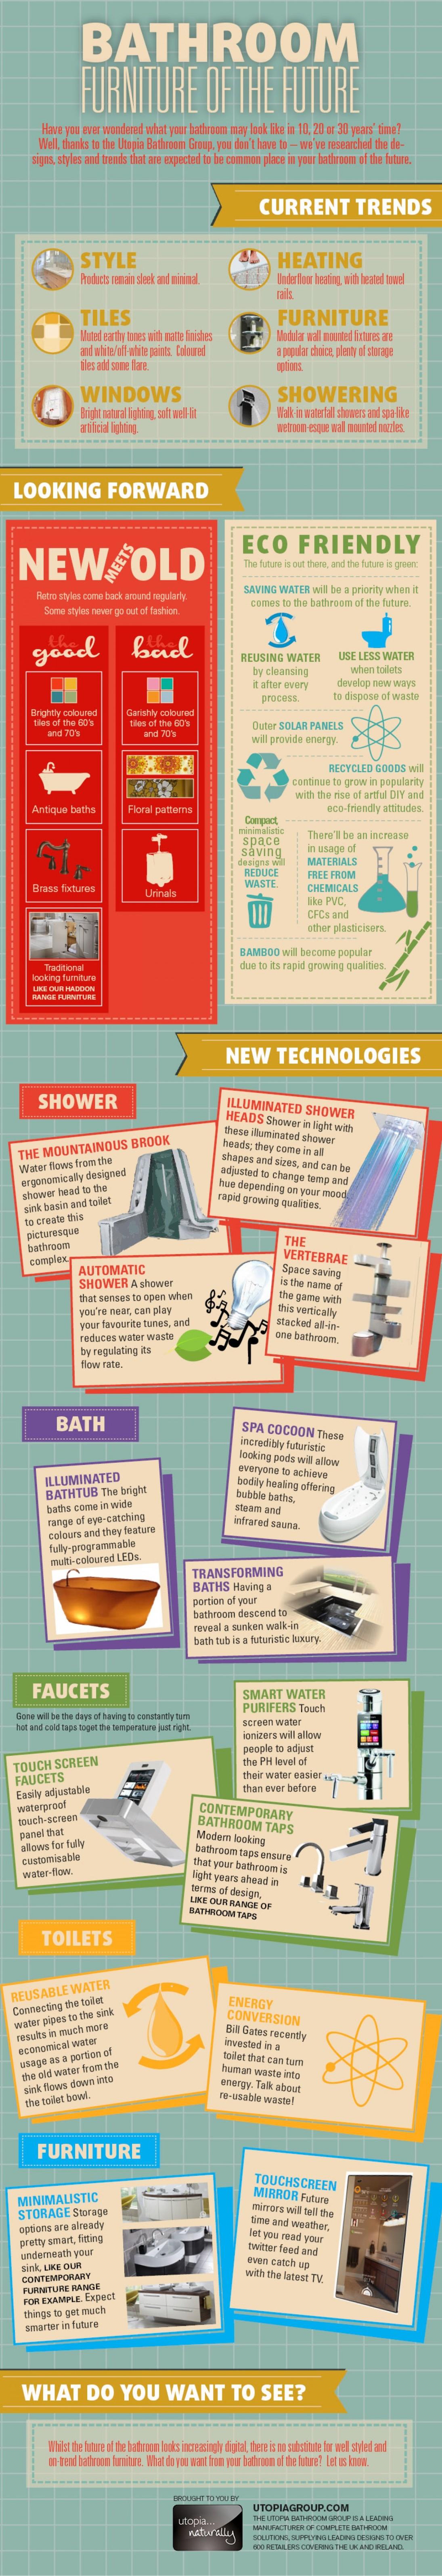 8. Bathroom Furniture of the Future